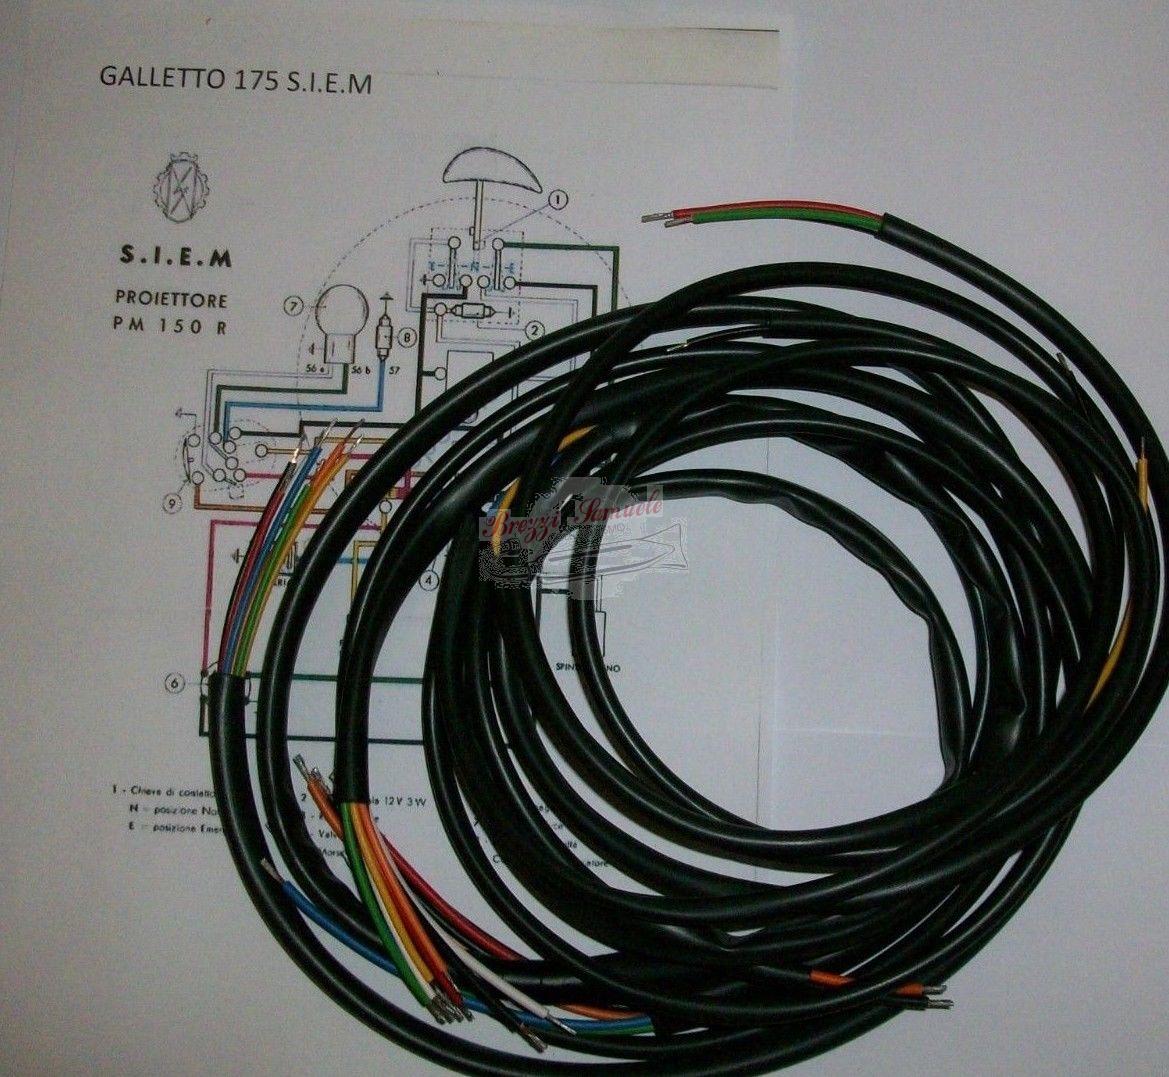 Schemi Elettrici Guzzi : Prodotto im impianto elettrico moto guzzi galletto siem